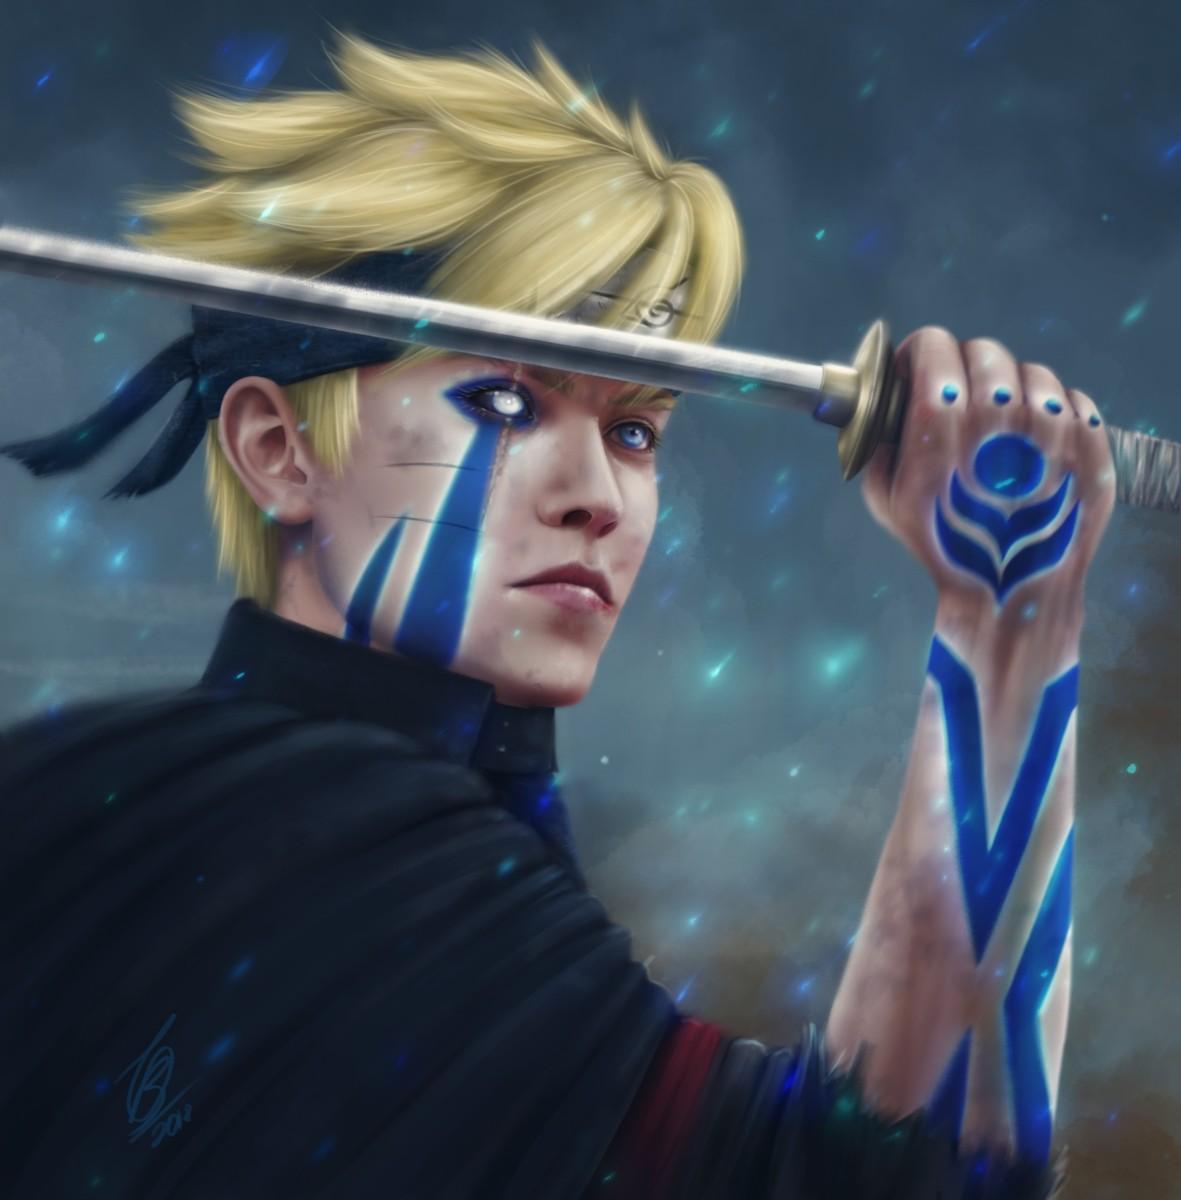 La suite de Naruto, Boruto, pourrait elle se dérouler dans l'Espace?